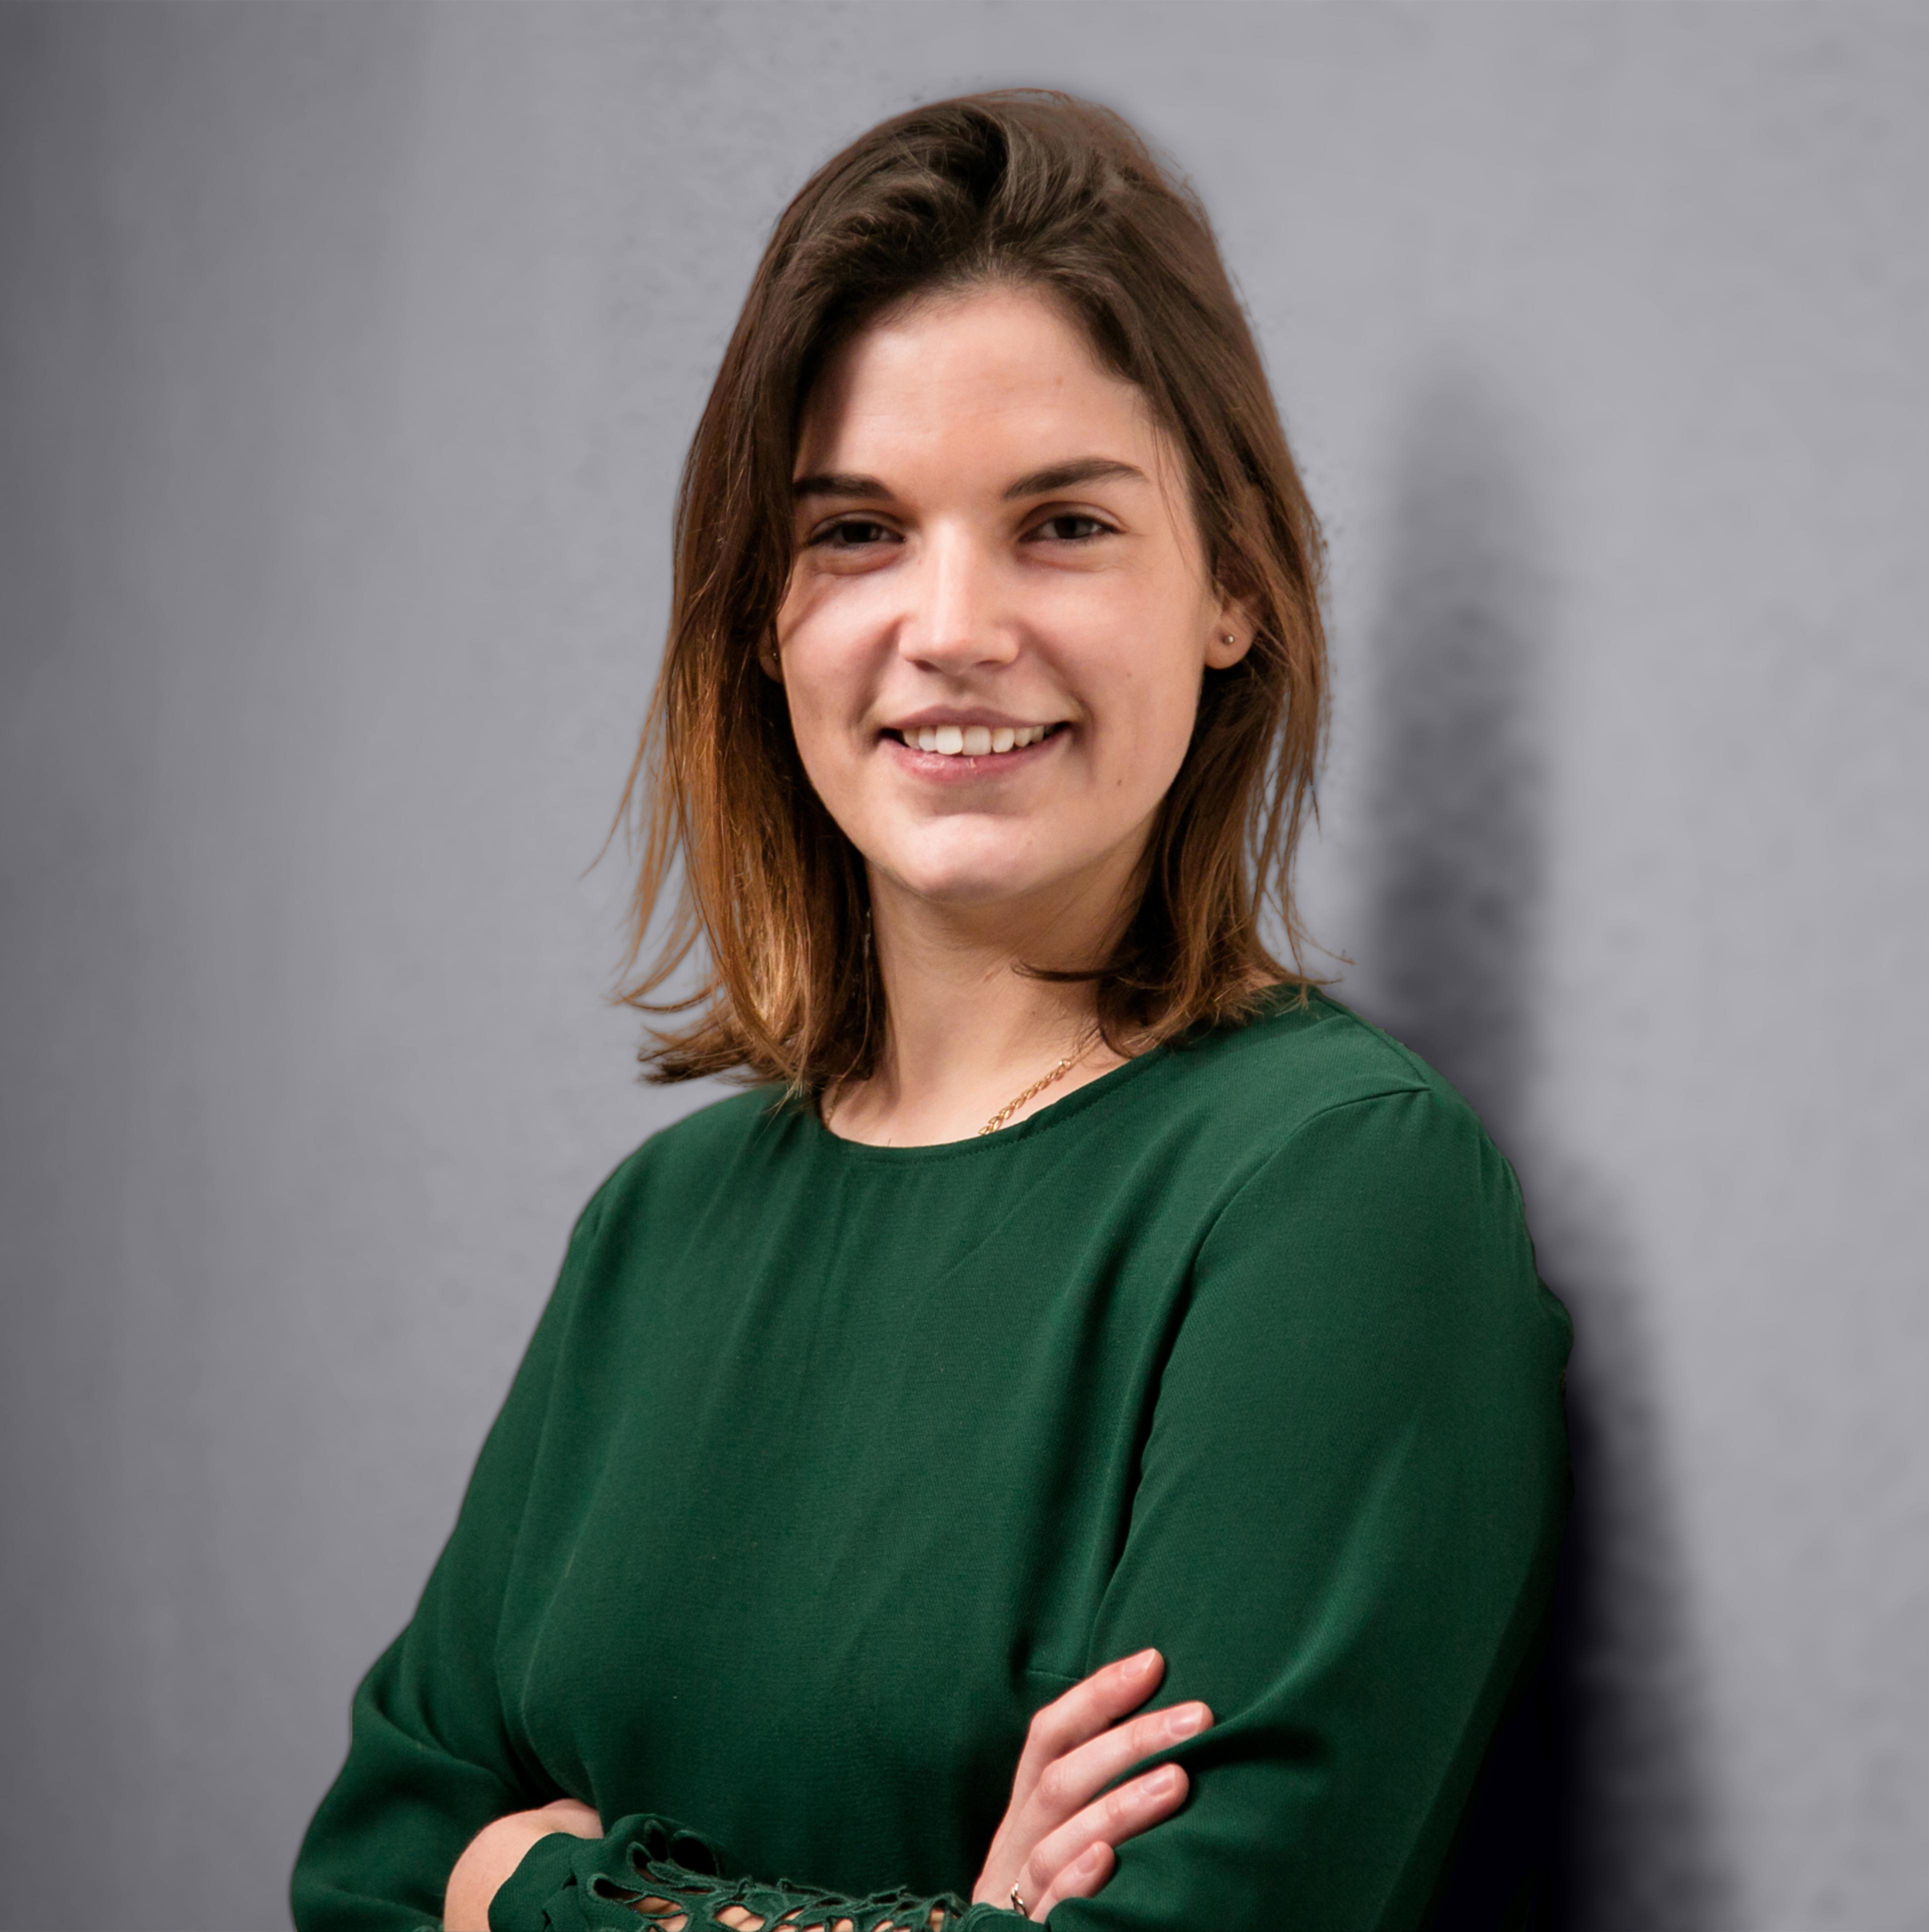 Marie Villedieu